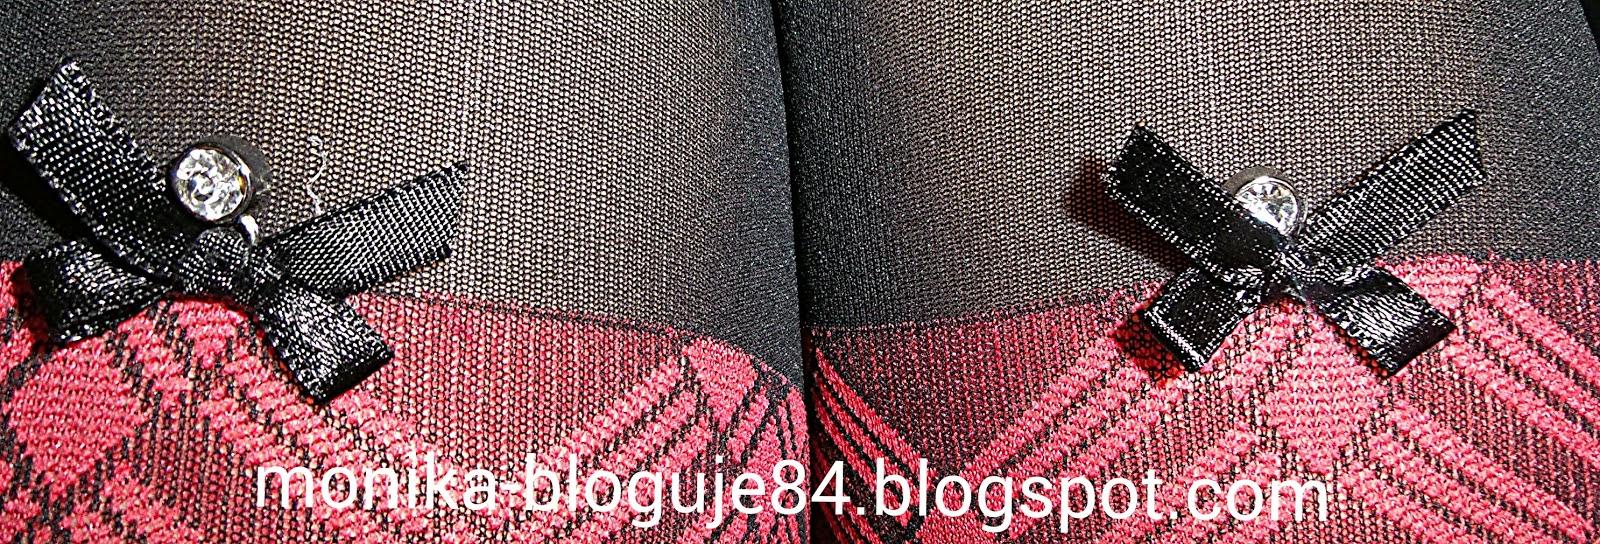 a352fc9830d91 Jeżeli chodzi o rajstopy G15 są również w kolorze czarnym . Bardzo dobrej  jakości , mocne i nie do zdarcia :) Te rajstopki zestawiłam na Święta z  moją ...